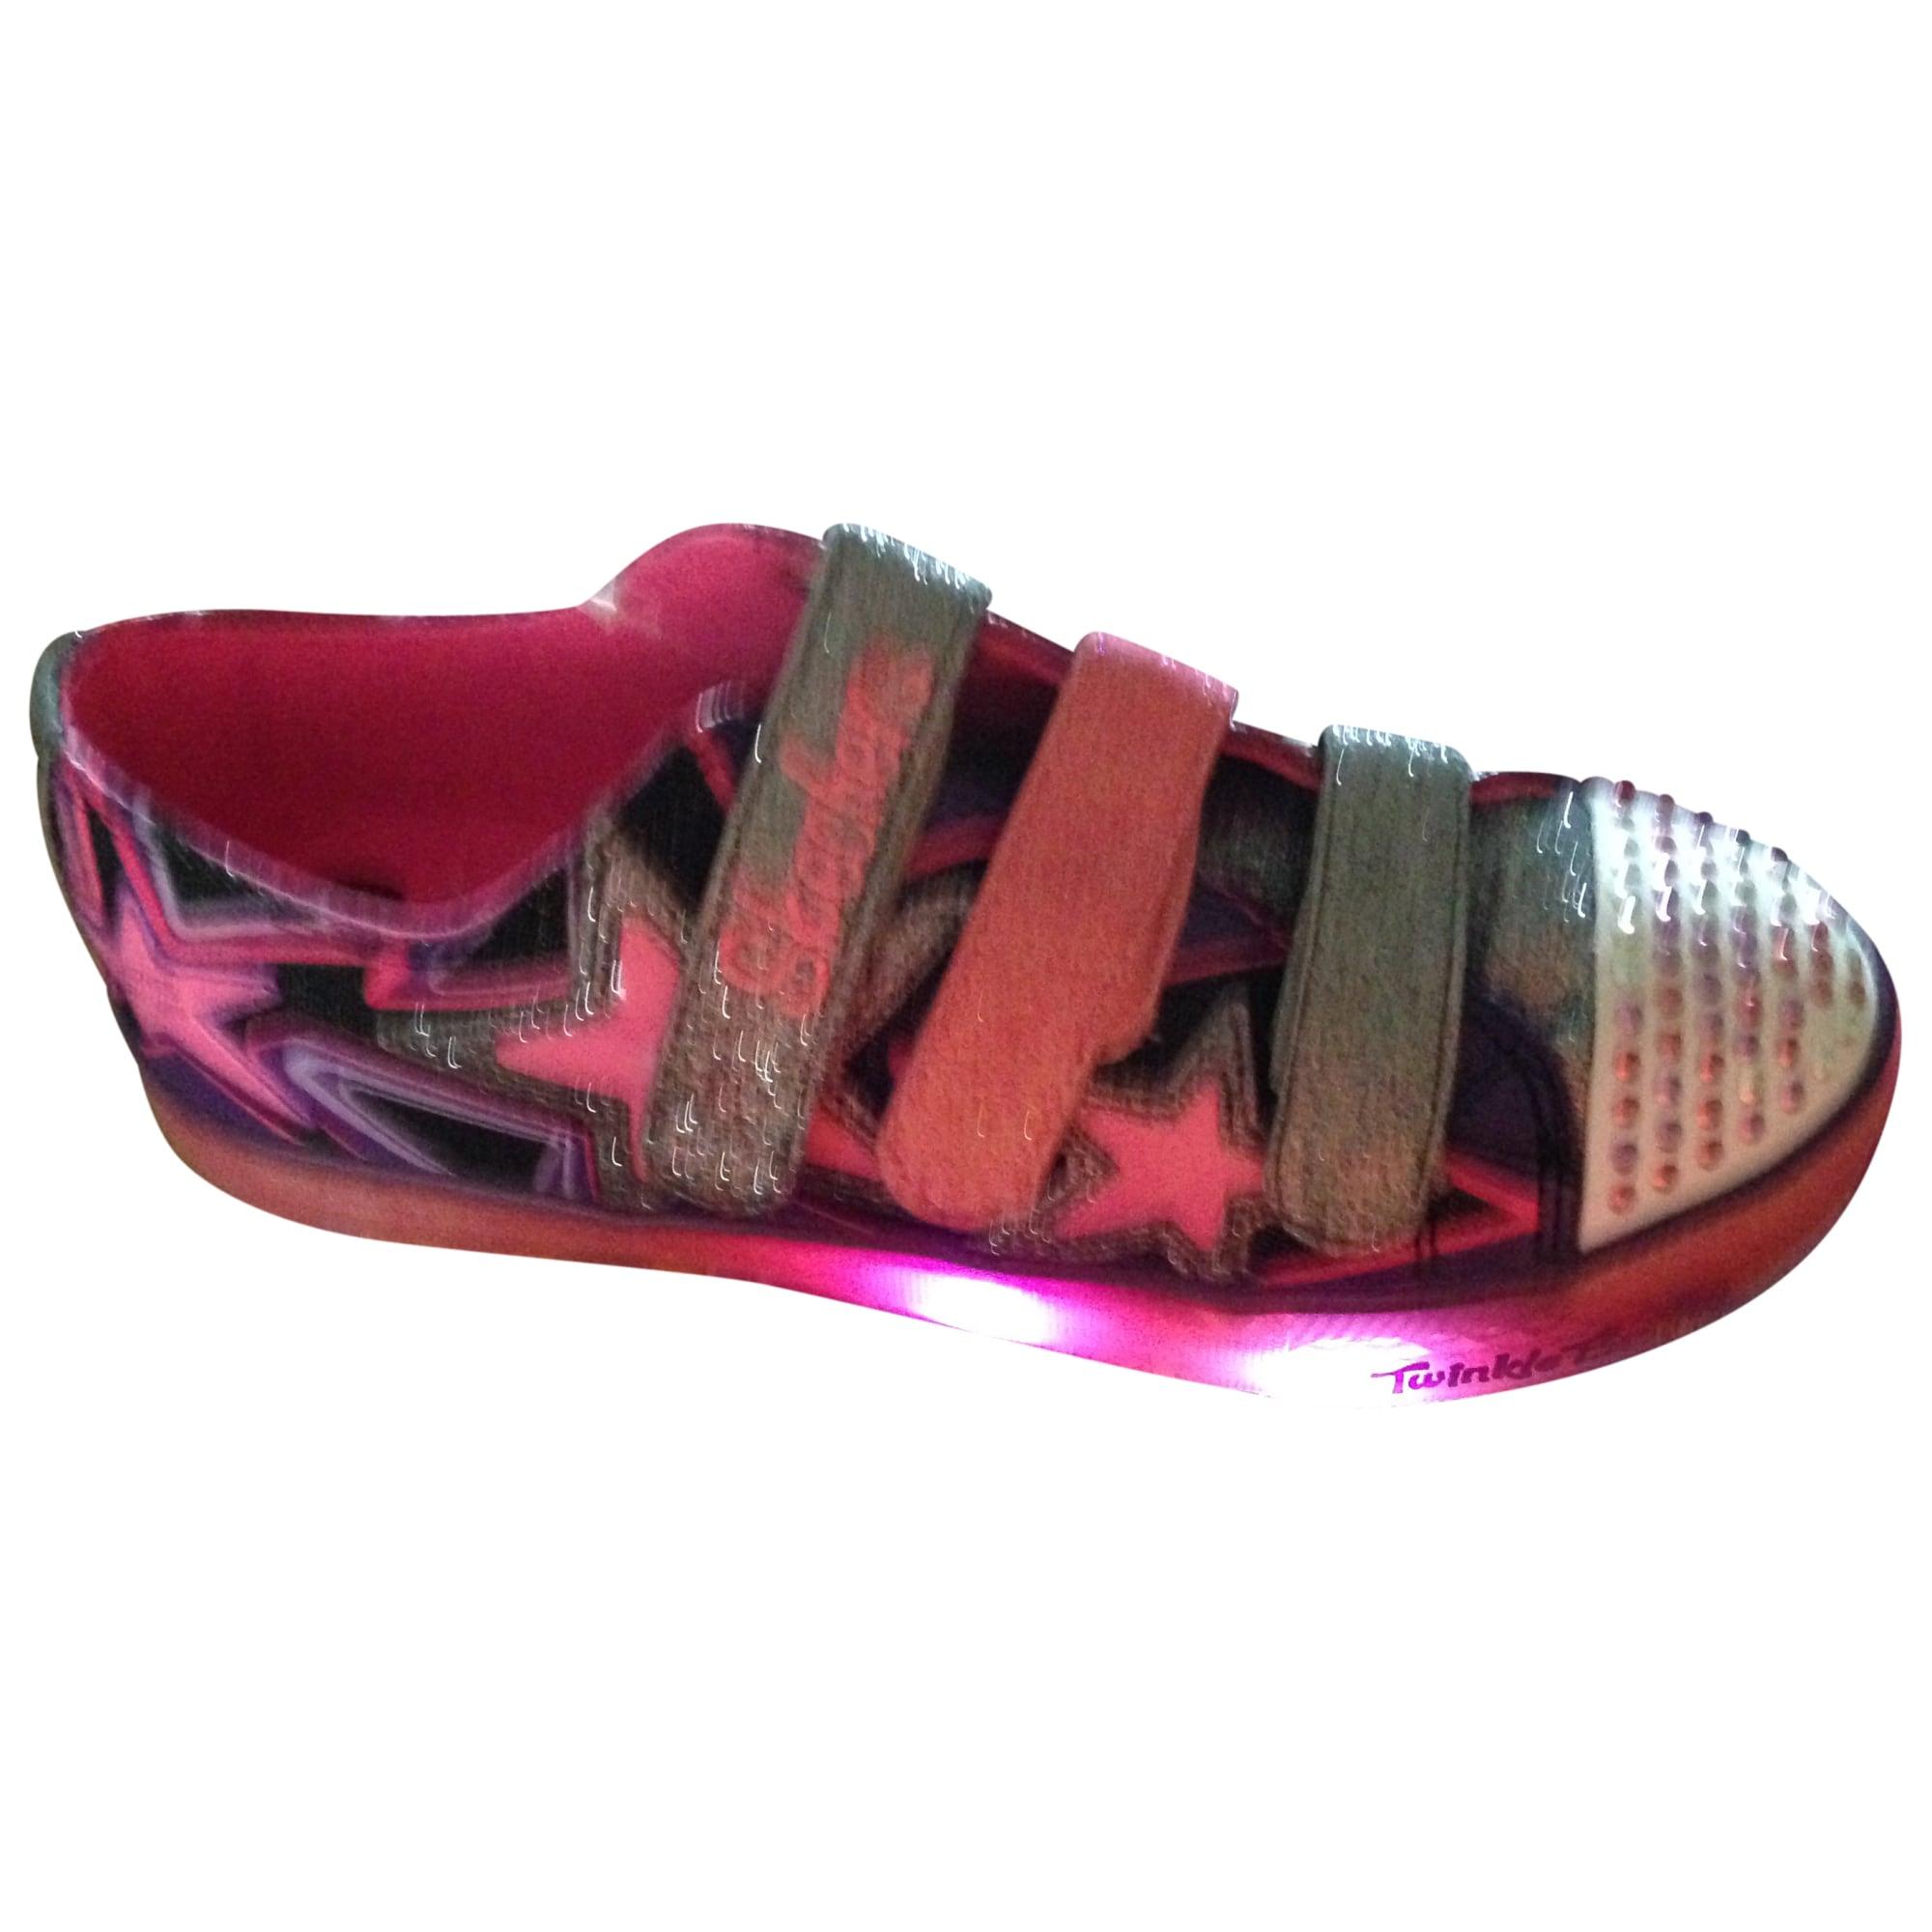 Chaussures À Multicouleur 36 Skechers 3778100 Scratch rgvT76xqwr